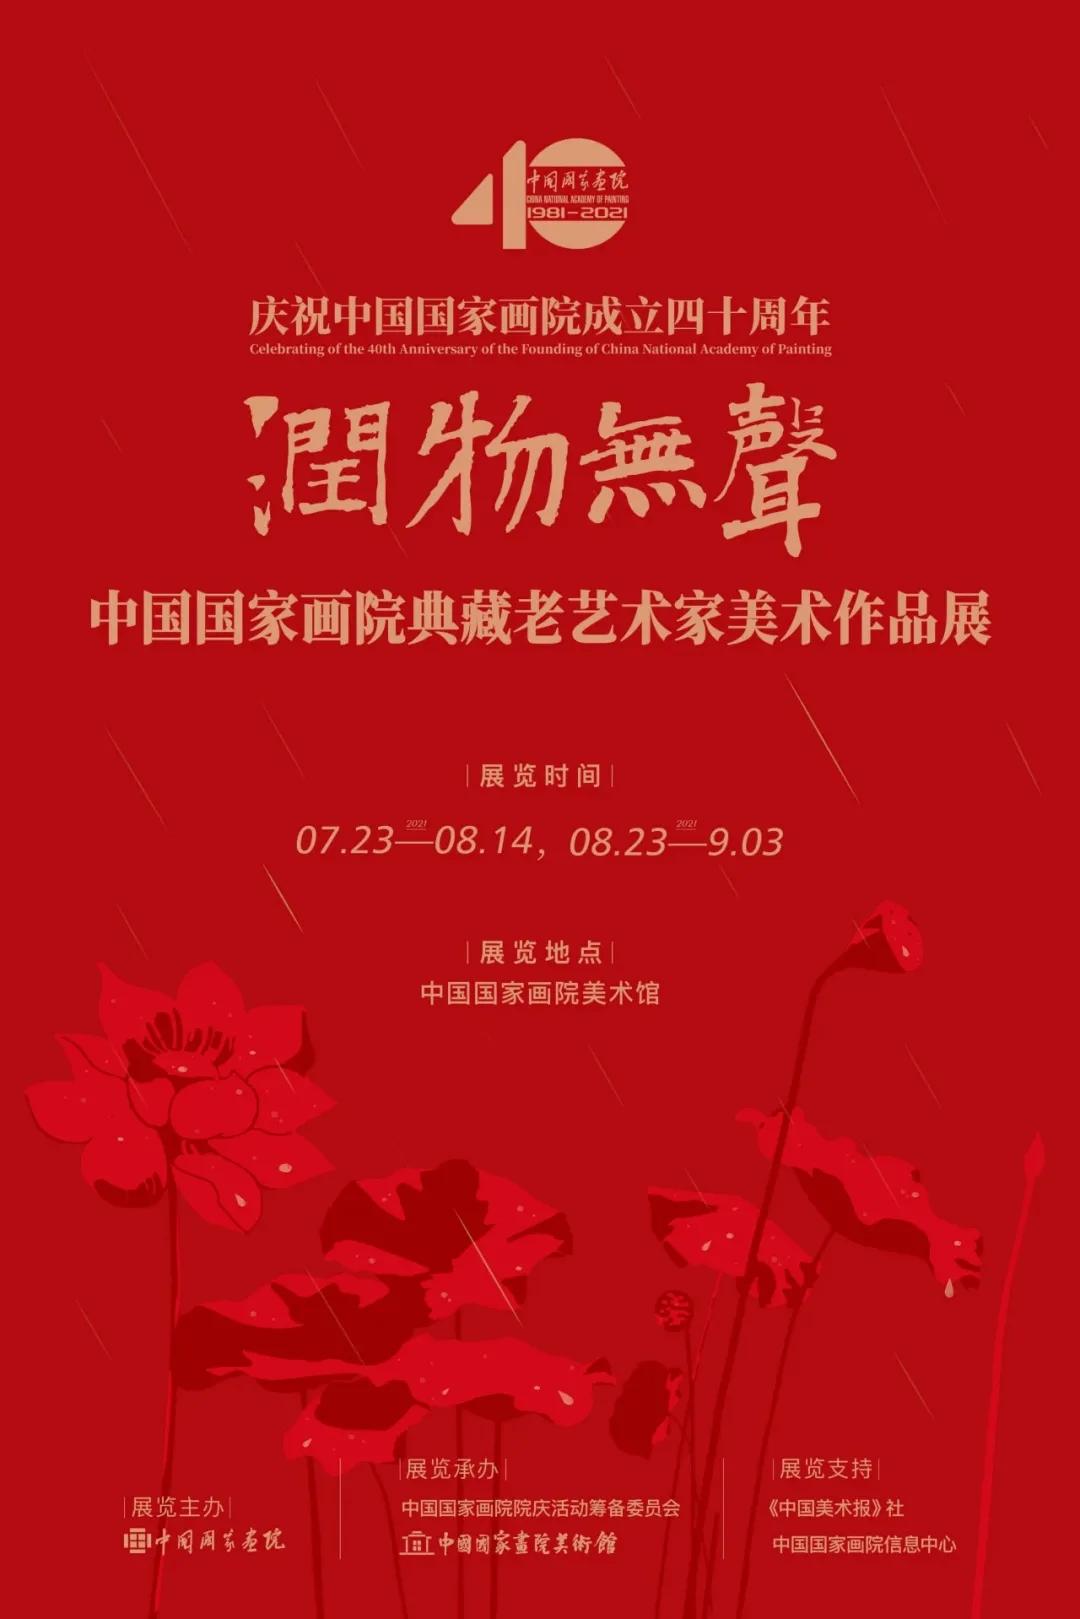 润物无声·中国国家画院典藏老艺术家美术作品展